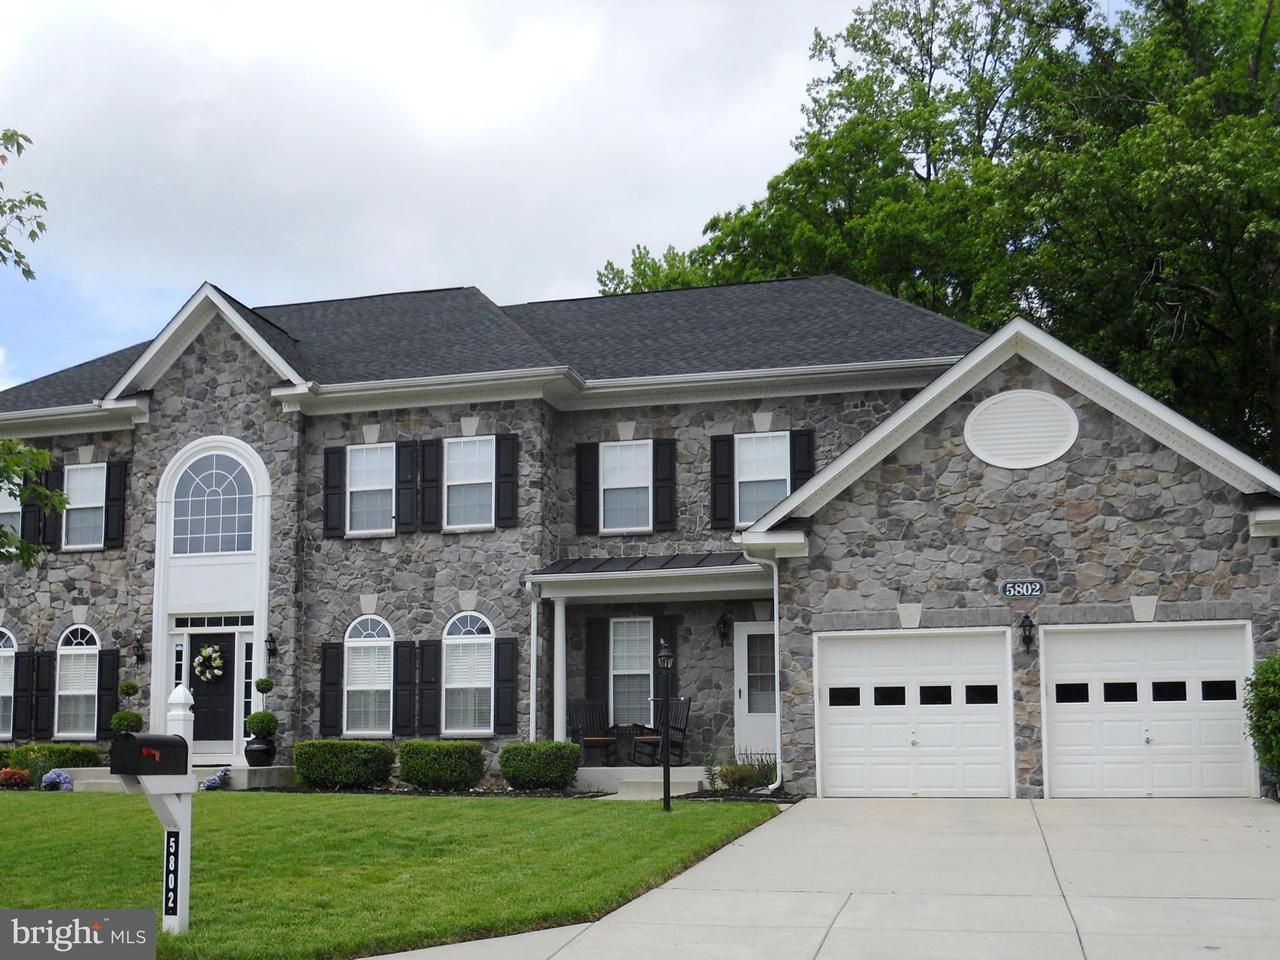 Einfamilienhaus für Verkauf beim 7370 Tottenham 7370 Tottenham White Plains, Maryland 20695 Vereinigte Staaten